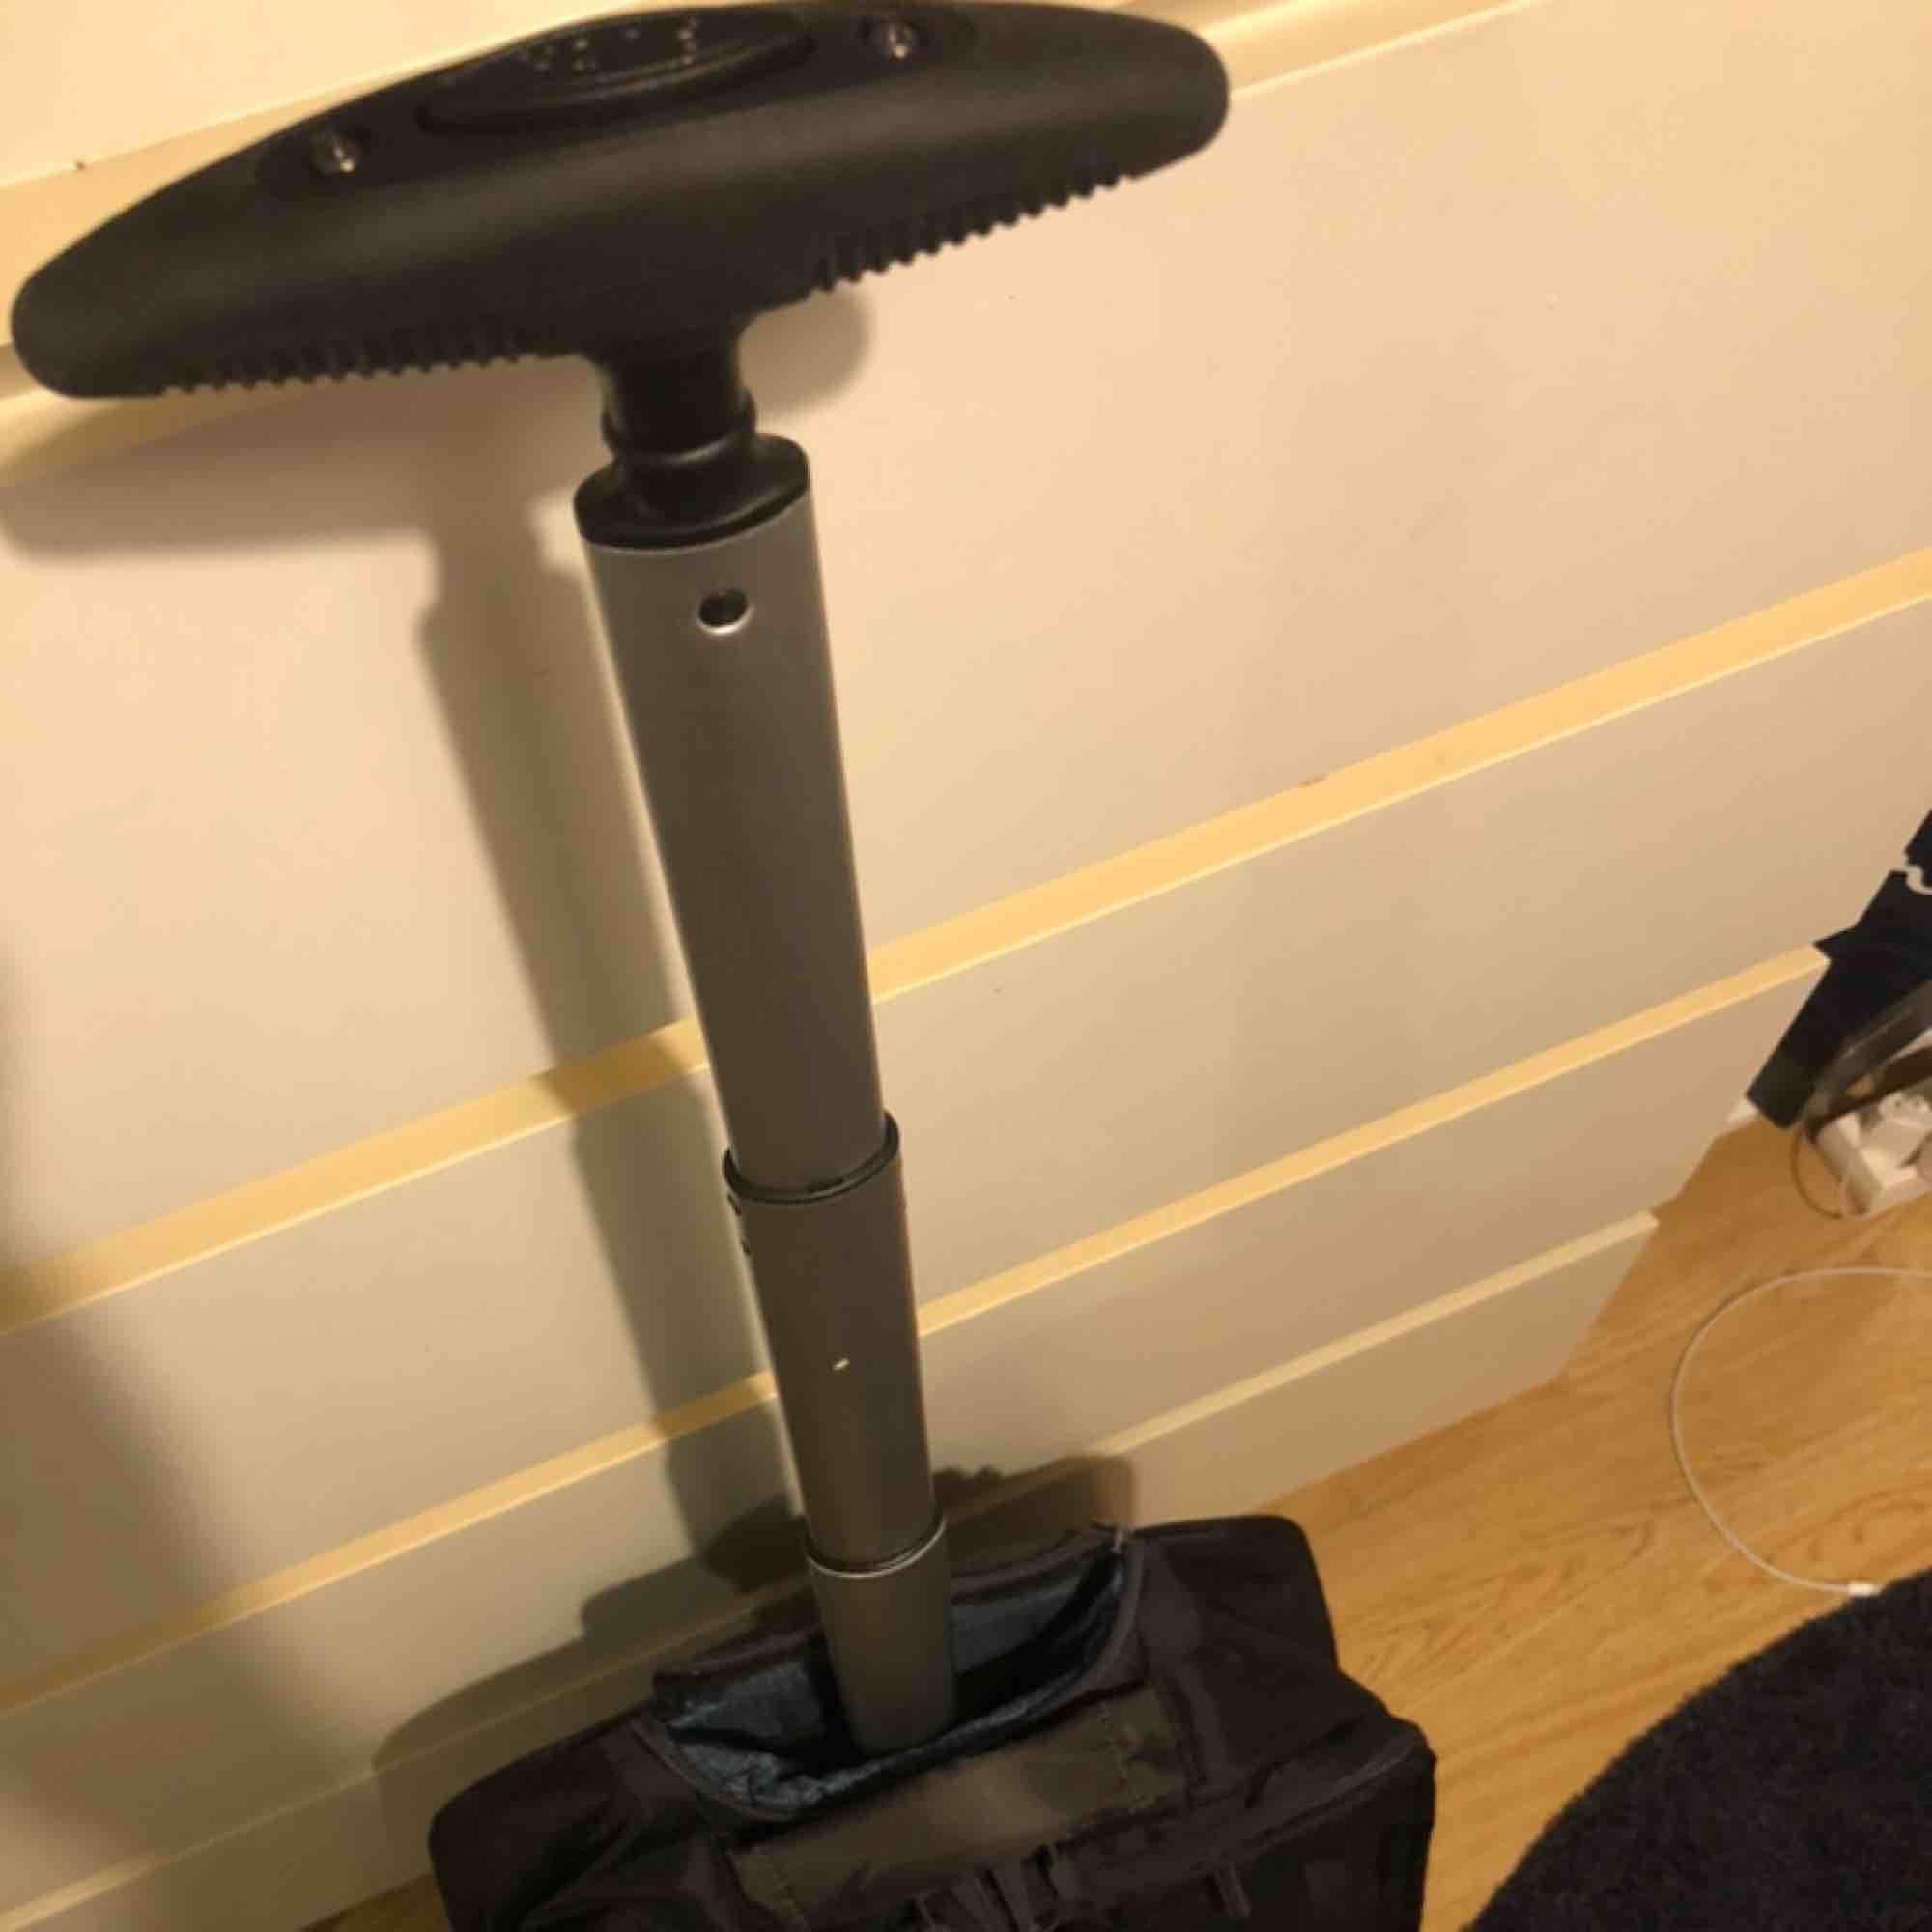 Helt ny Samsonite resväska som aldrig använts. Den har bra fack för dator och andra tillbehör. Den har hjul och ett långt och robust handtag som man kan gömma undan. Sen kan man bygga om den till en ryggsäck då det finns axelremmar som man kan koppla fast. Väskor.